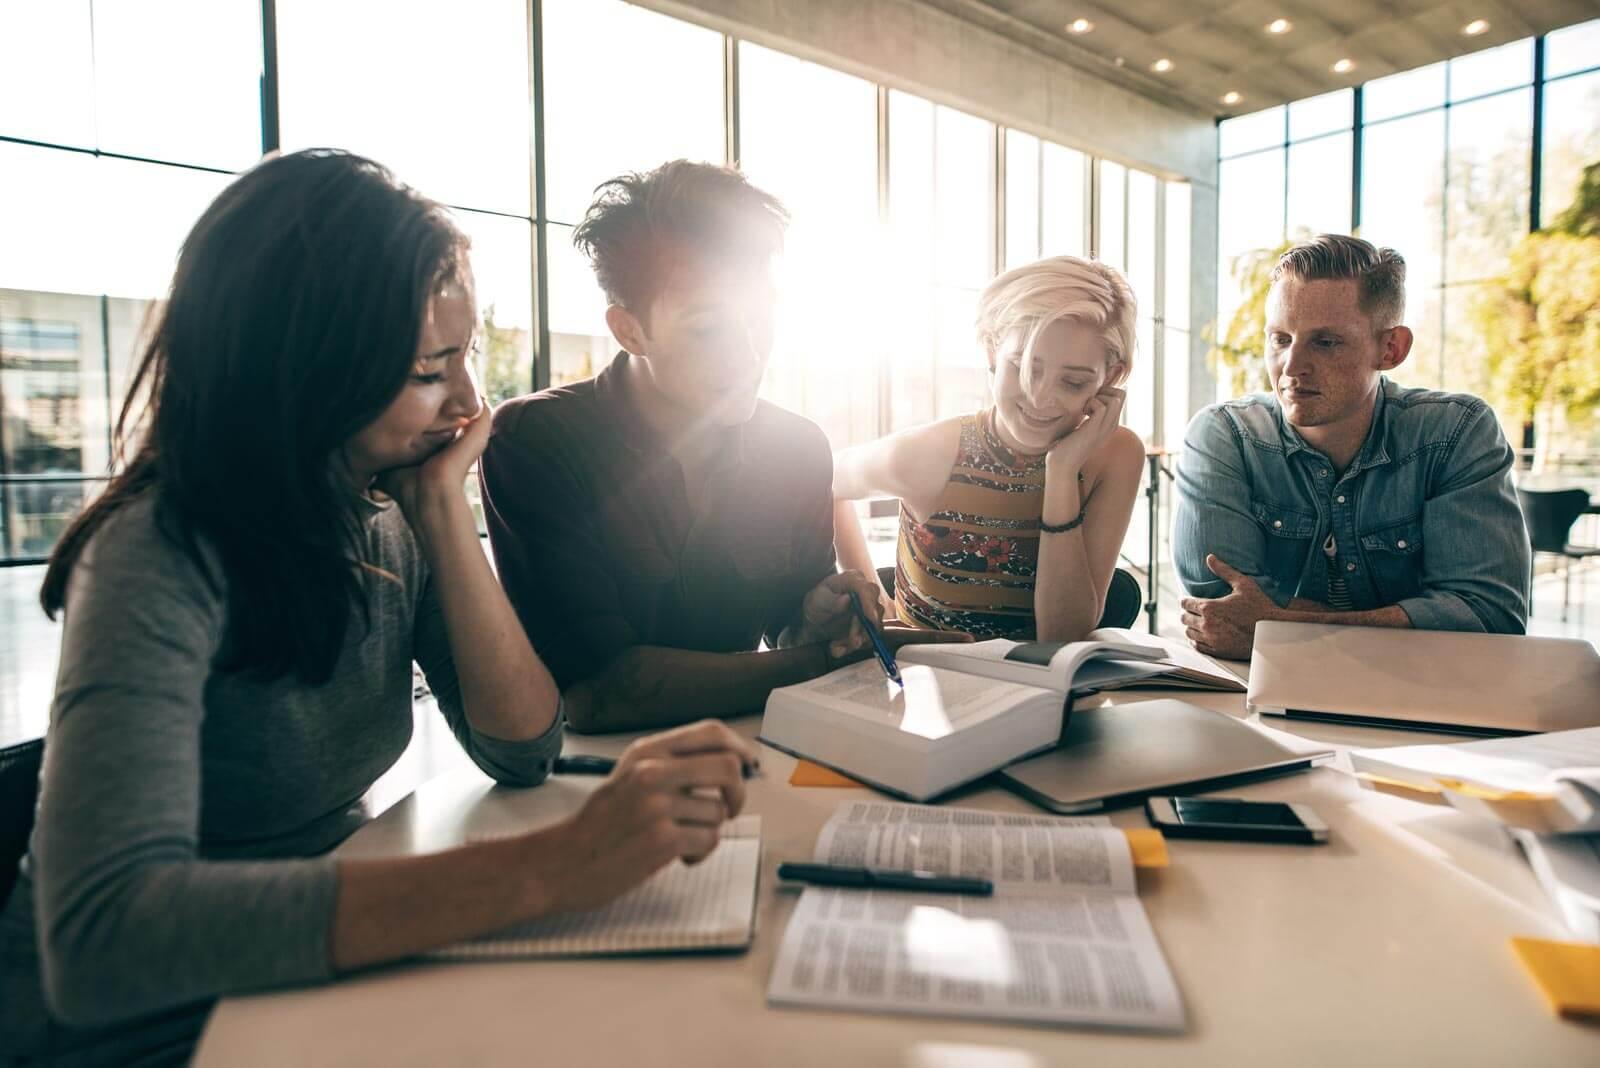 Menschen sitzen am Tisch zusammen und arbeiten